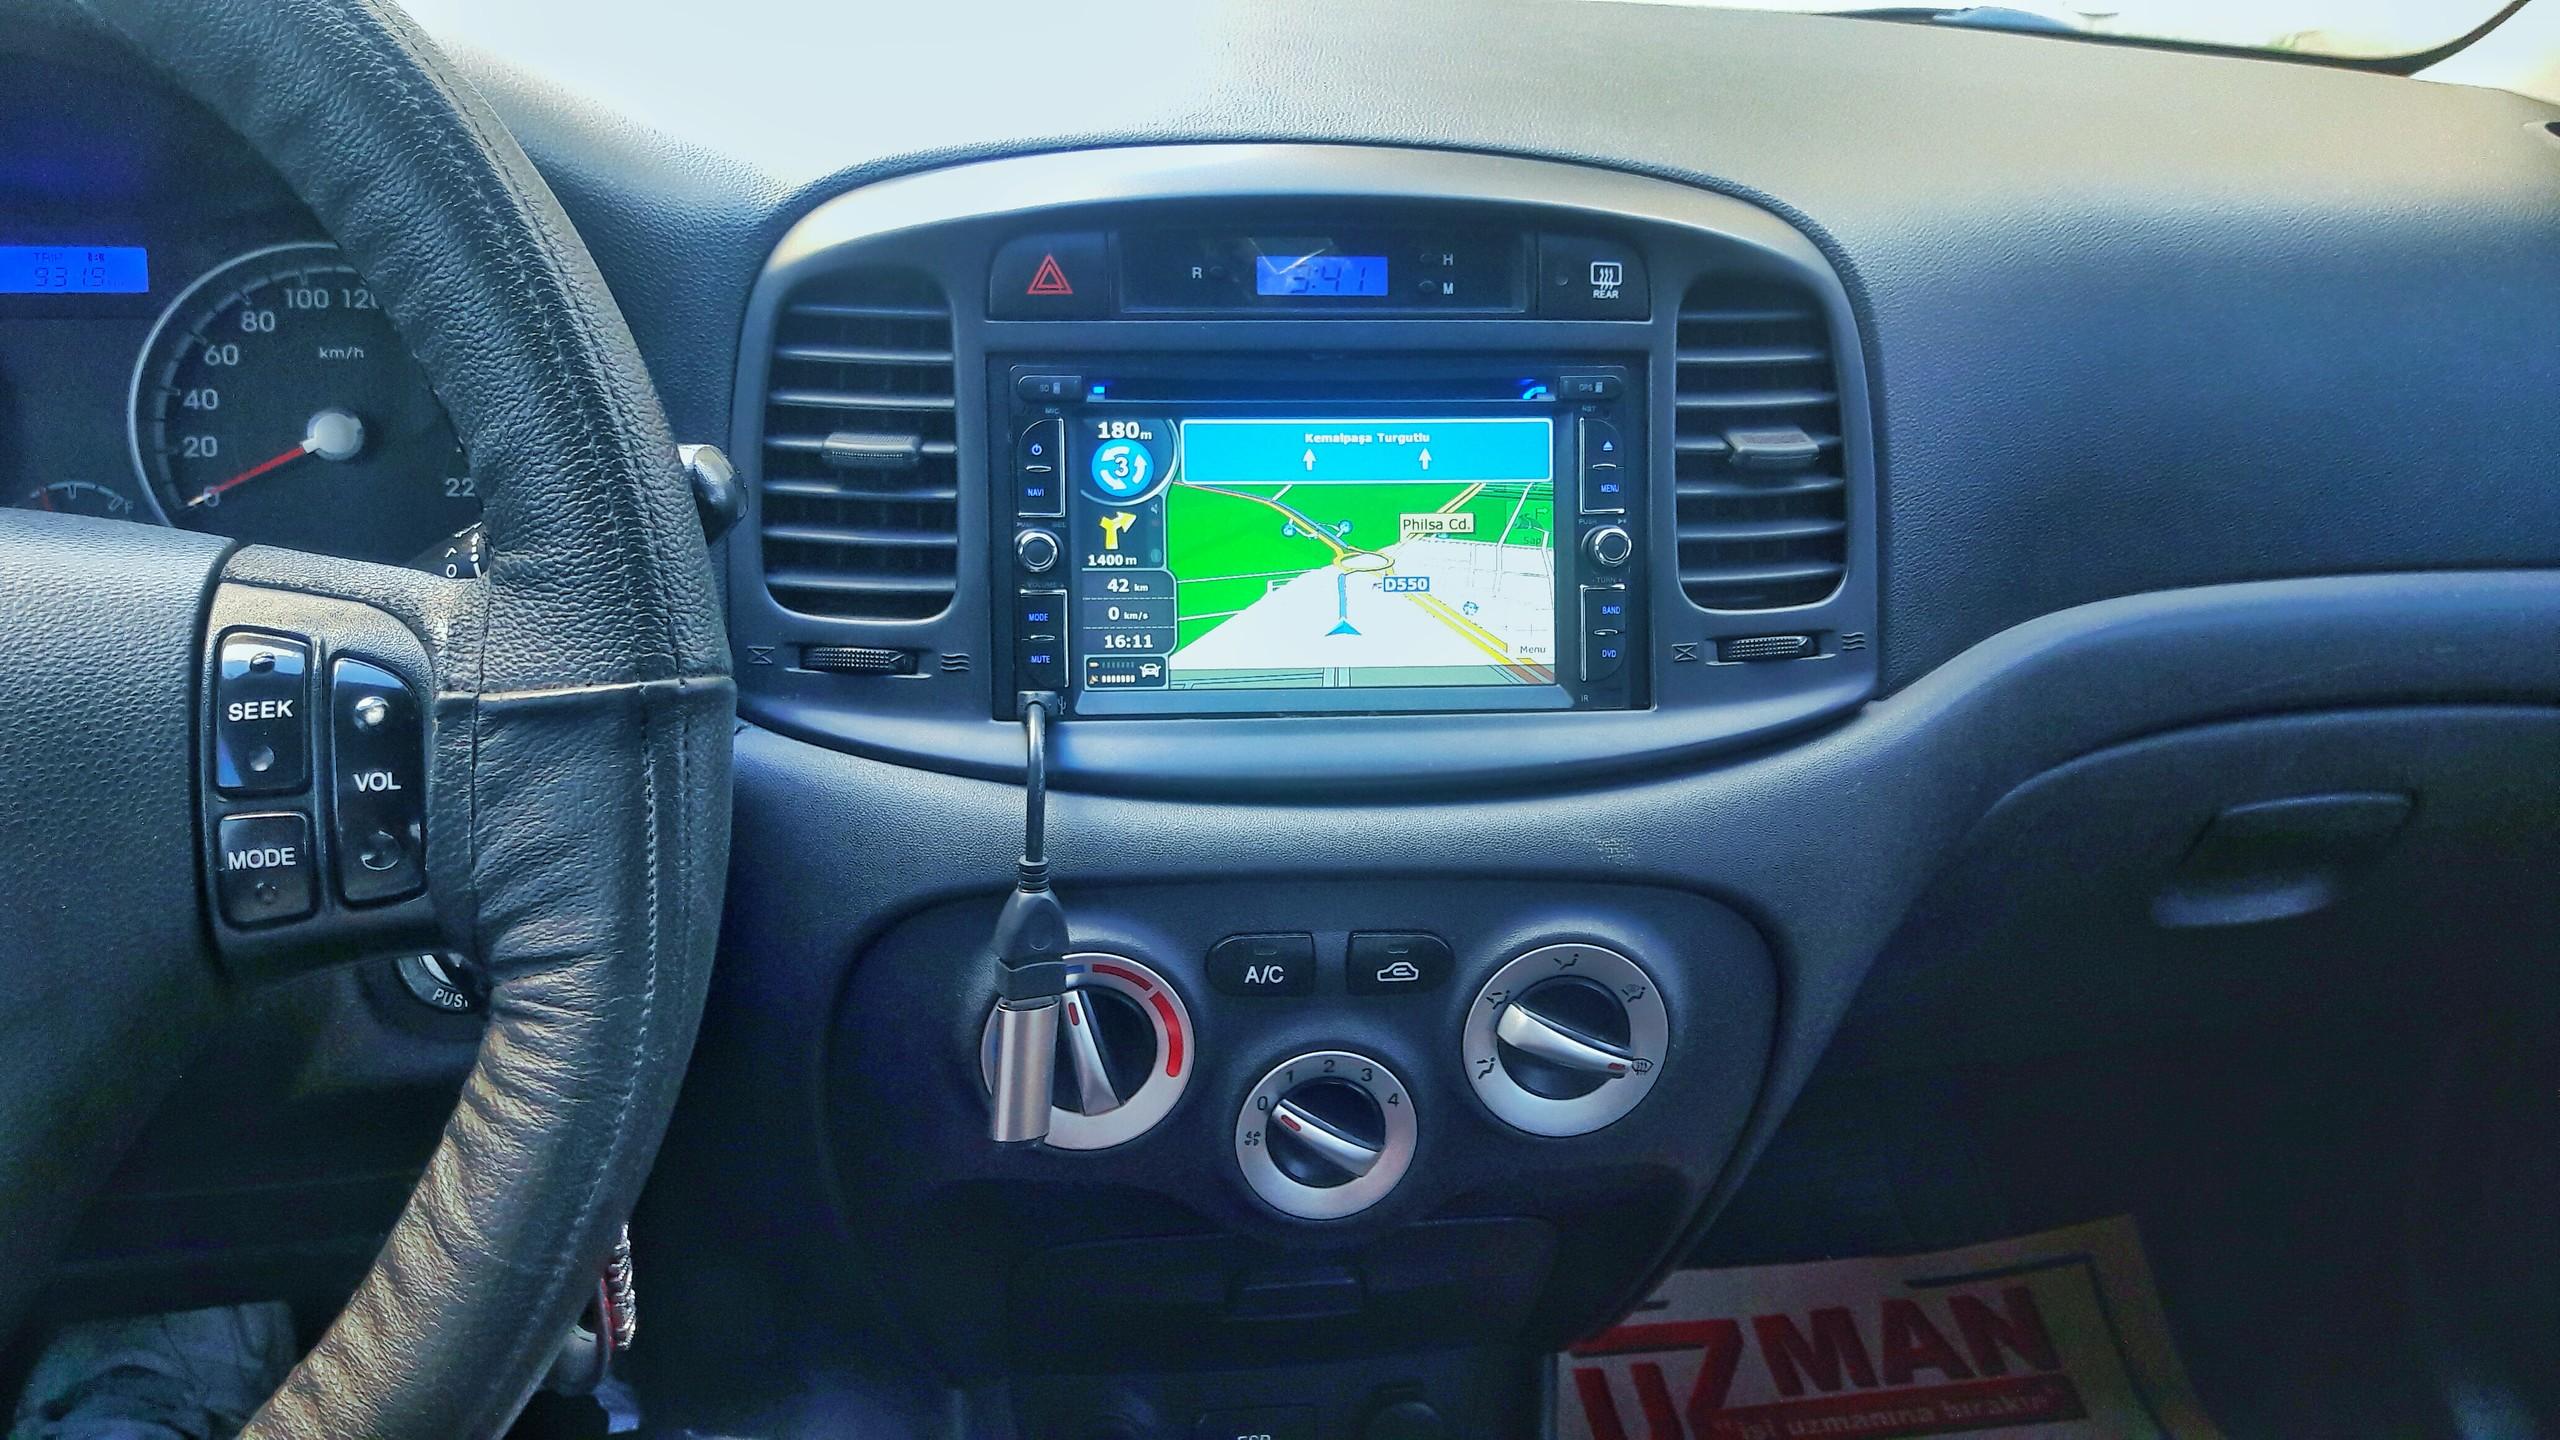 PMLE76 - Arac�ma navigasyon cihaz� almak istiyorum. Ne �nerirsiniz?